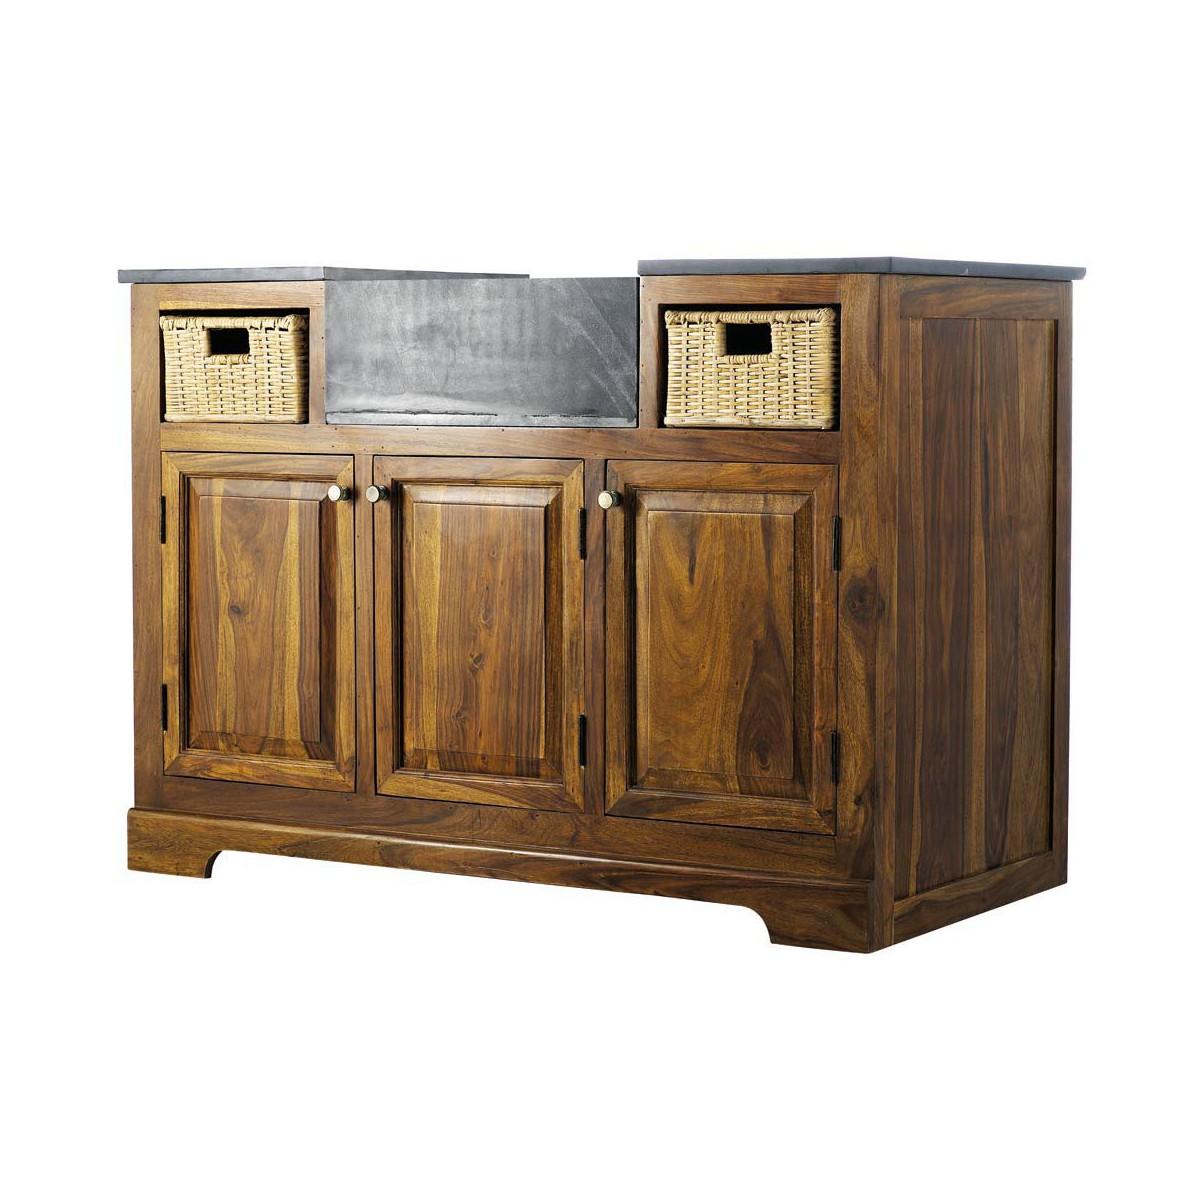 meuble bas de cuisine en bois de sheesham massif l 120 cm - Meuble De Cuisine 120 Cm